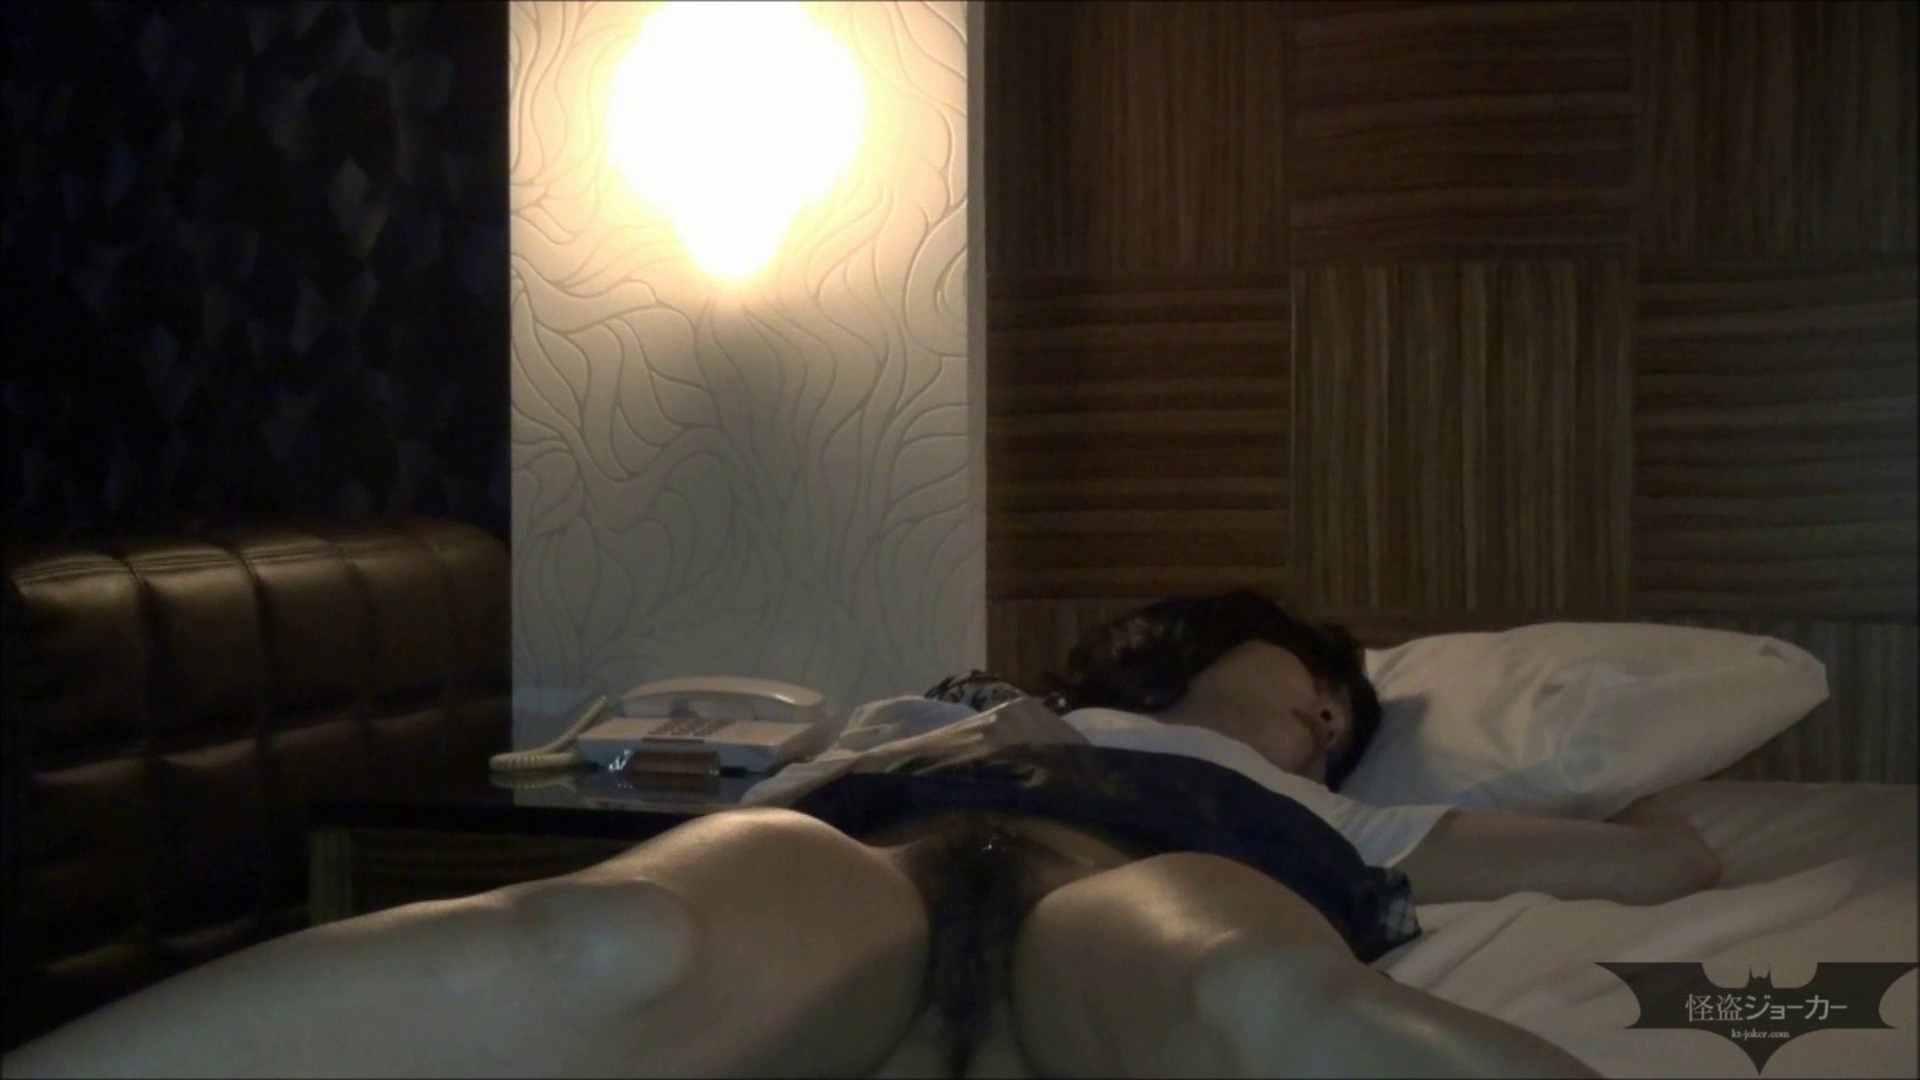 【未公開】vol.58【小春】私の子を孕んだ日・・・ 制服 おまんこ無修正動画無料 70連発 13